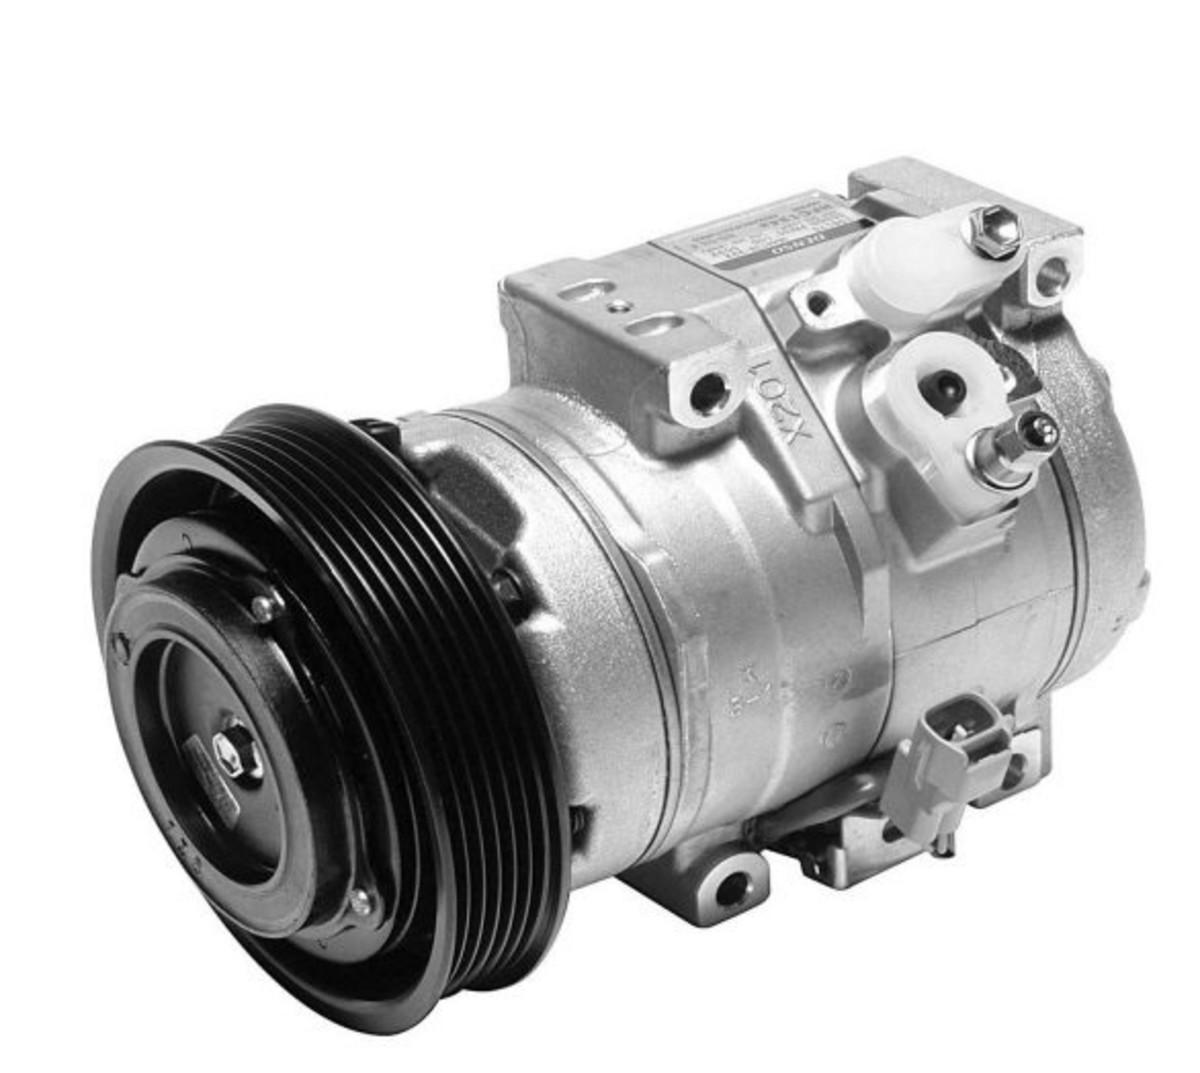 ES300 Denso A/C compressor